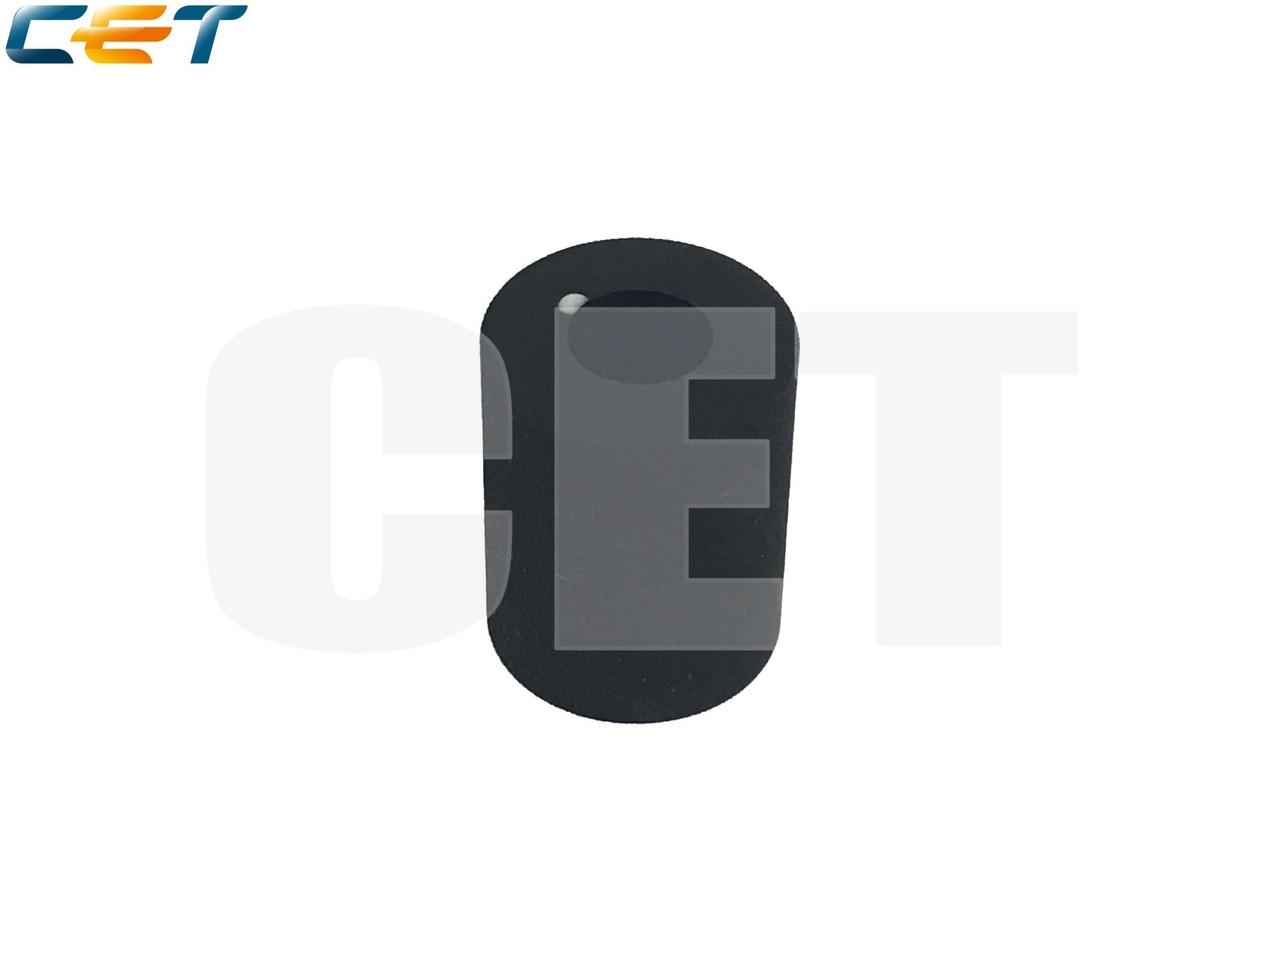 Резинка ролика отделения 2F909171 для KYOCERAFS-2000D/3900DN/4000DN/3920DN/4020DN (CET), CET4322PT,CET4322PTR